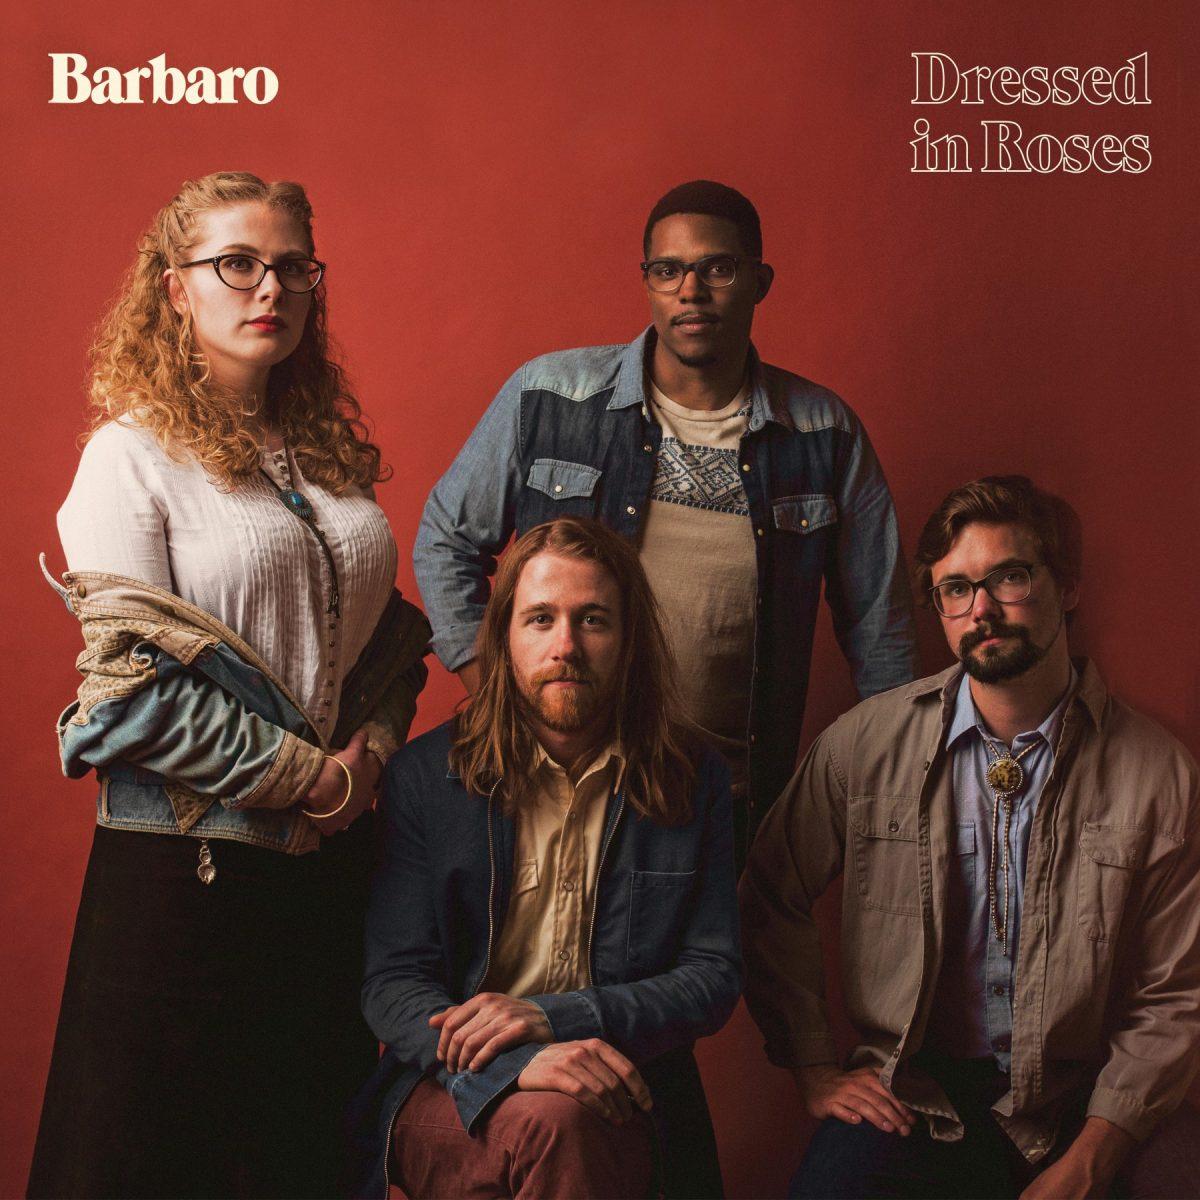 Barbaro - Dressed in Roses album art